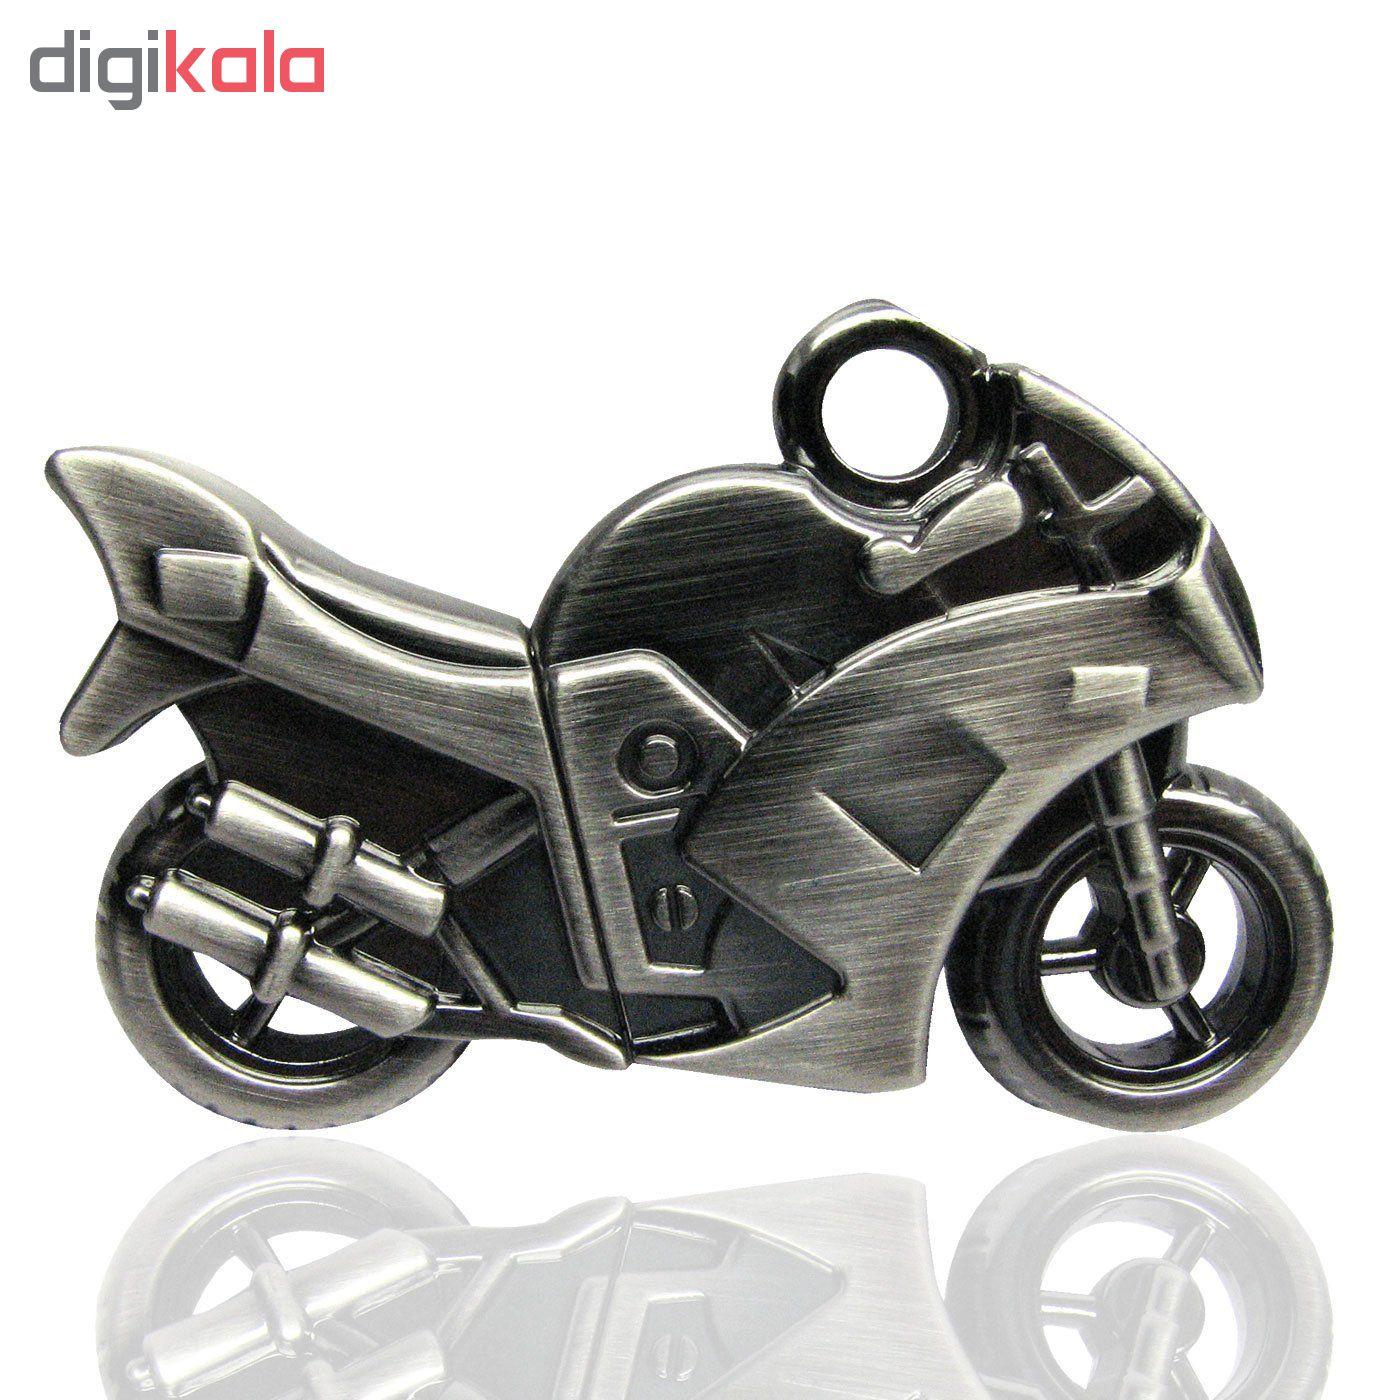 فلش مموری طرح موتورسیکلت کدMMB01 ظرفیت 8 گیگابایت main 1 11